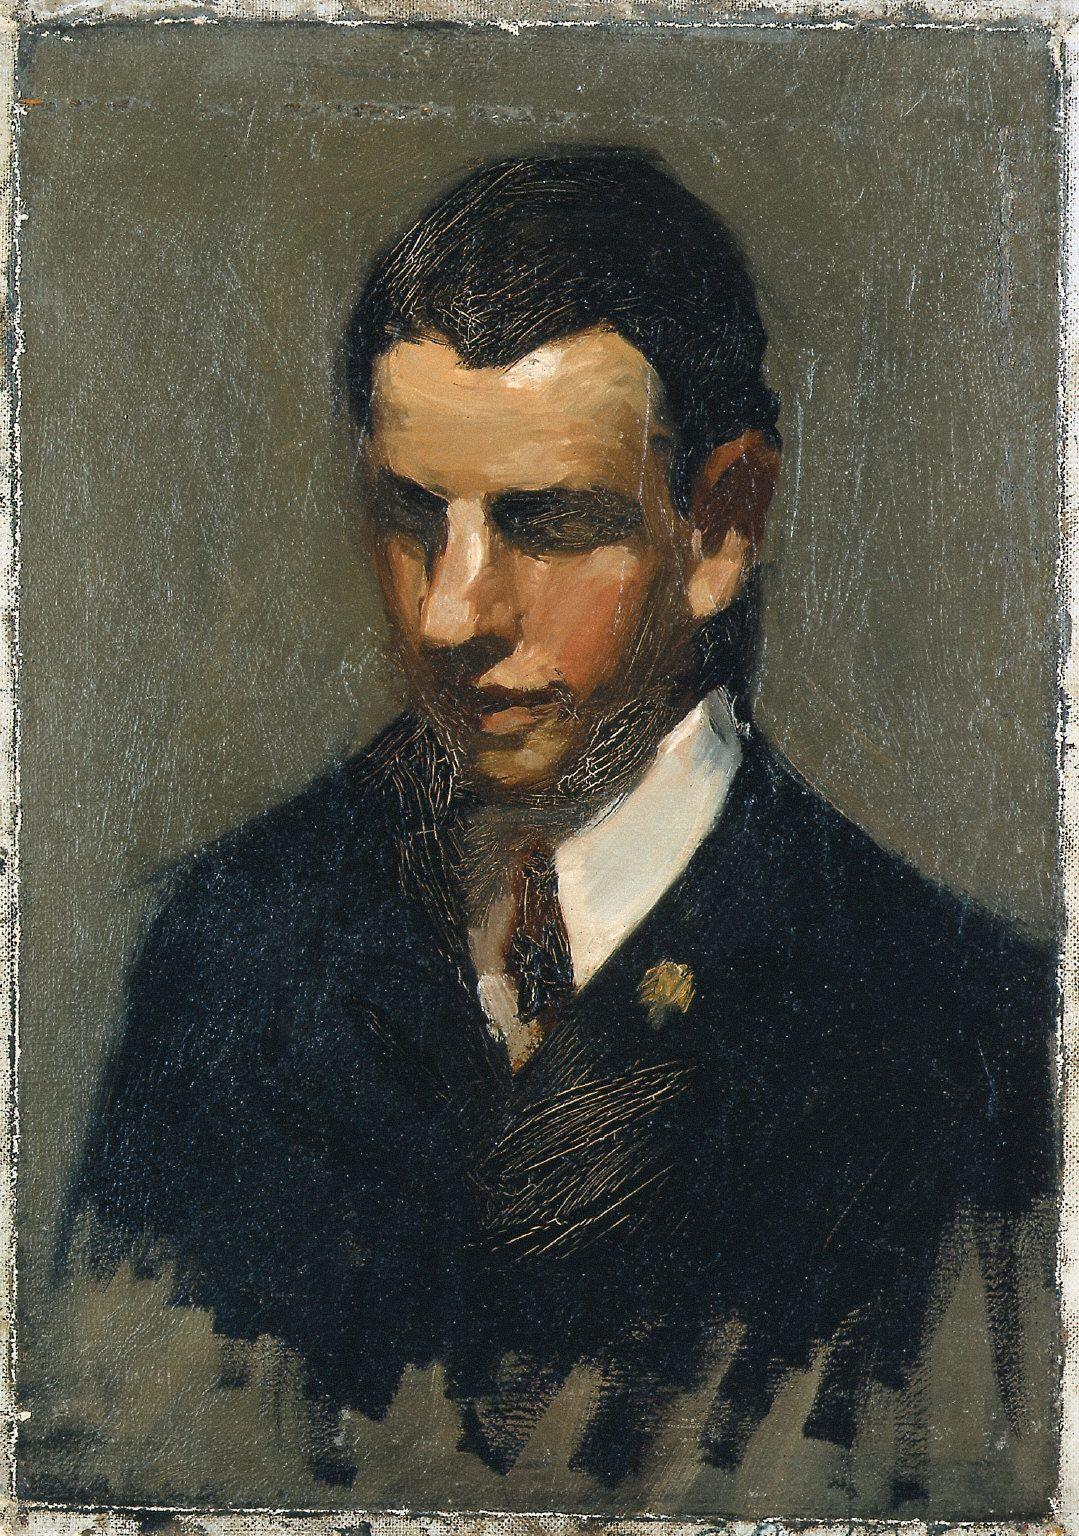 Edward Hopper Portrait Painting